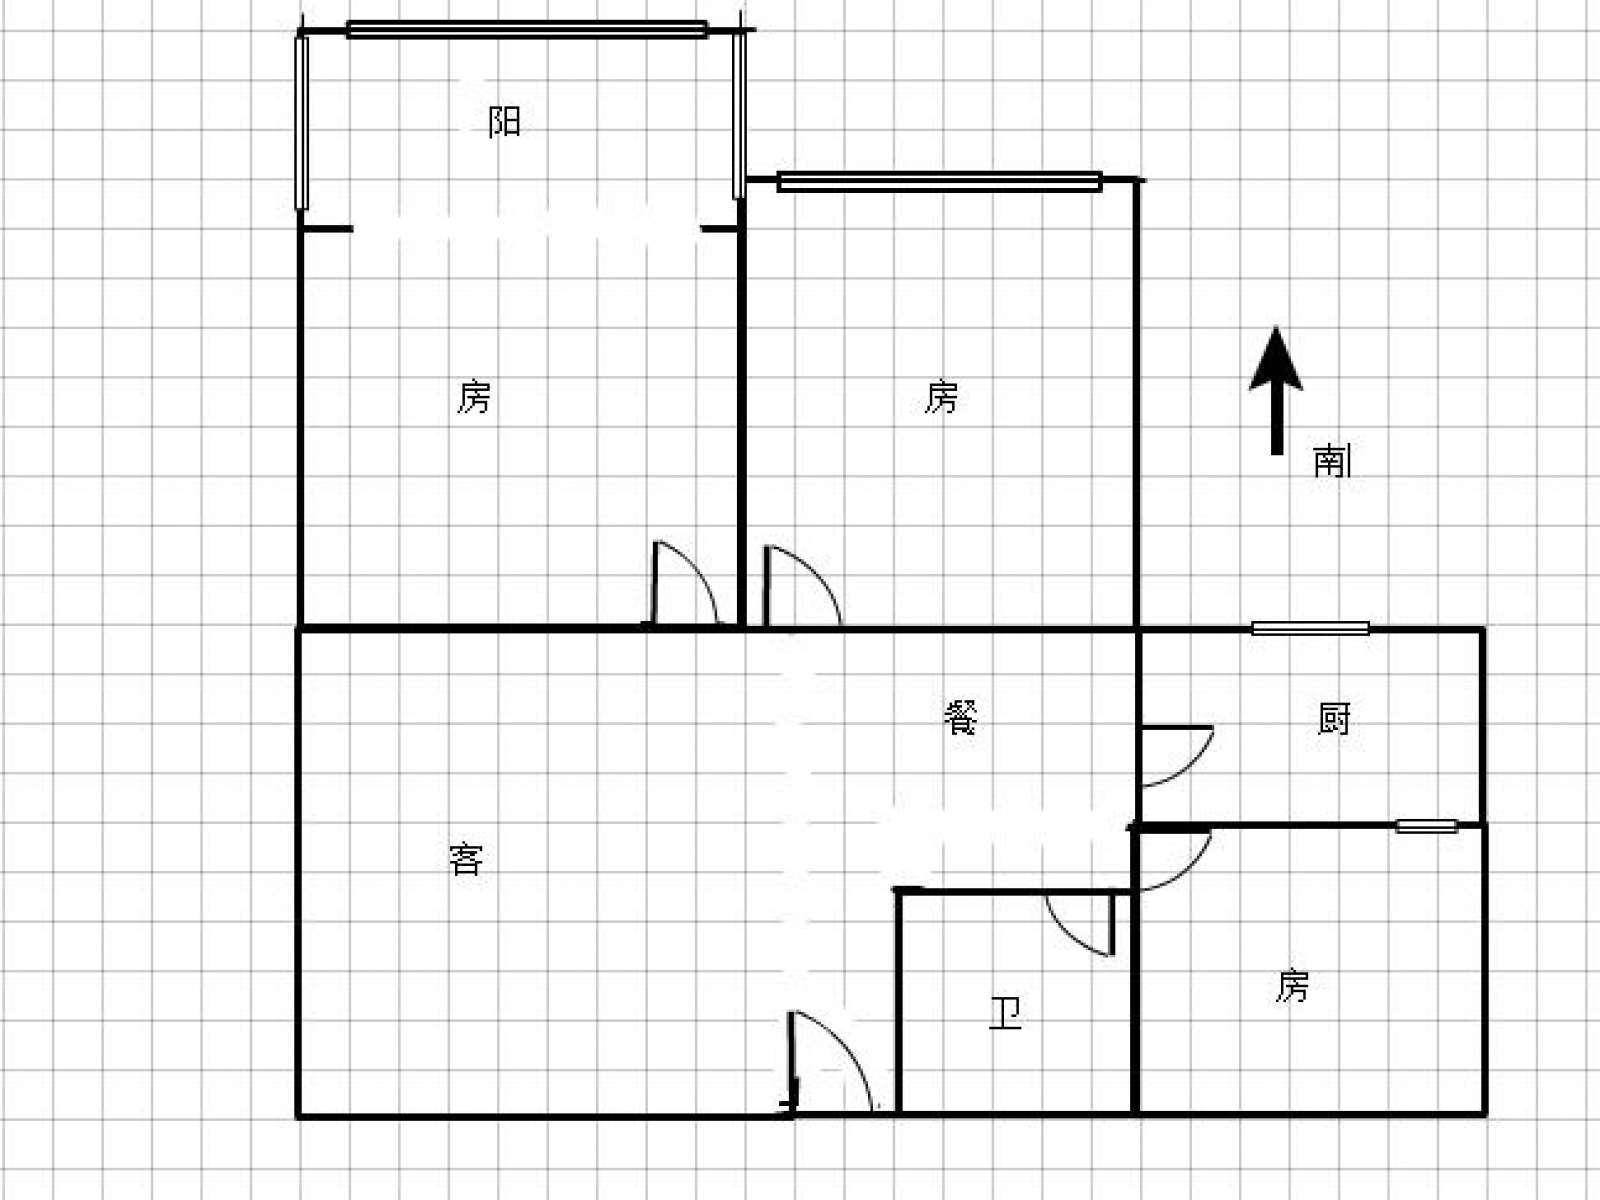 龙开御景 3室2厅82㎡